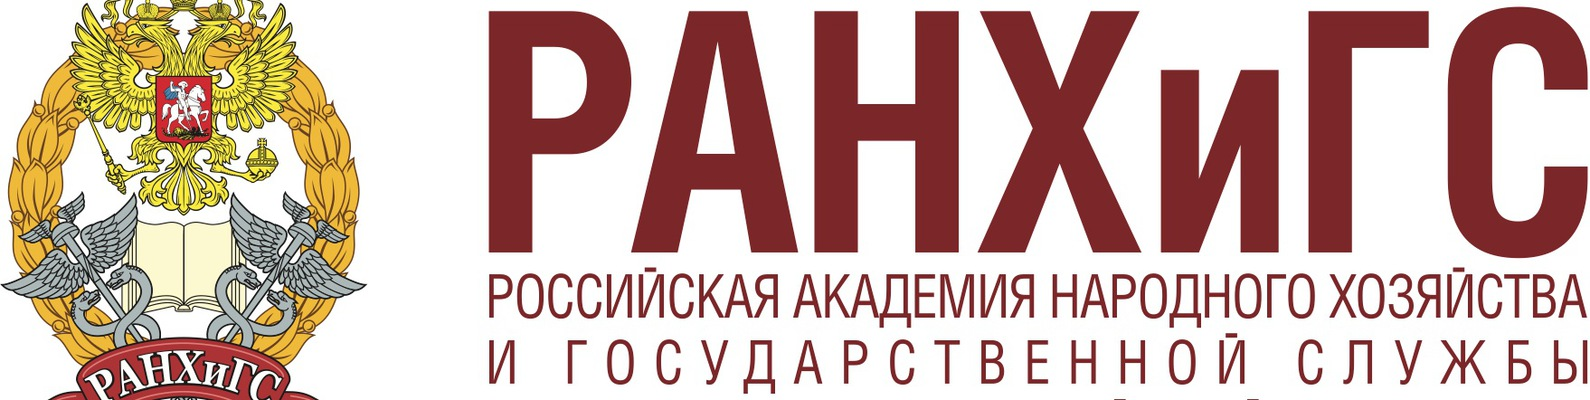 Российская академия народного хозяйства и государственной службы при Президенте РФ — филиал в г. Ставрополь